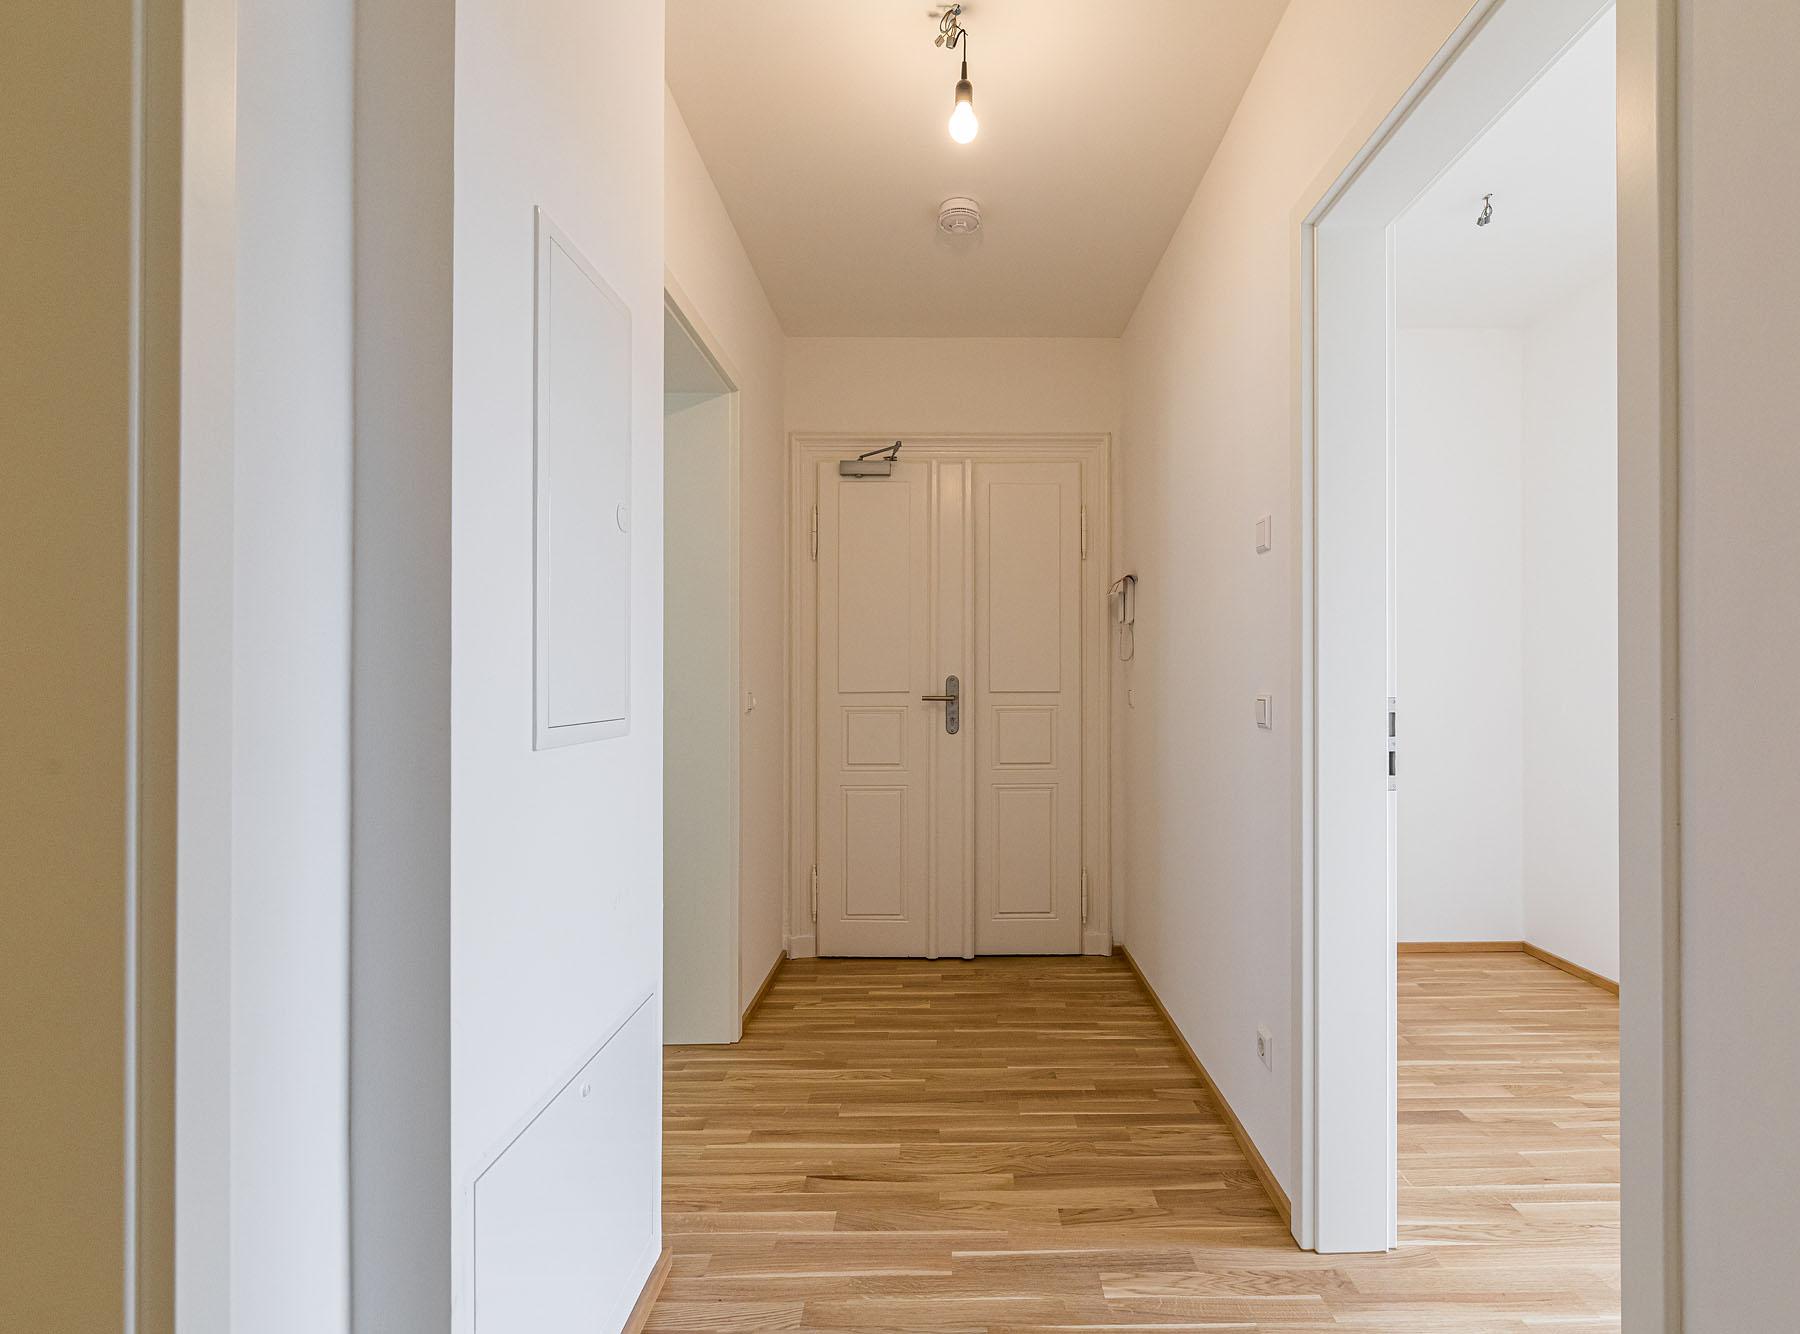 2021_mierendorffstrasse-42-vh-29